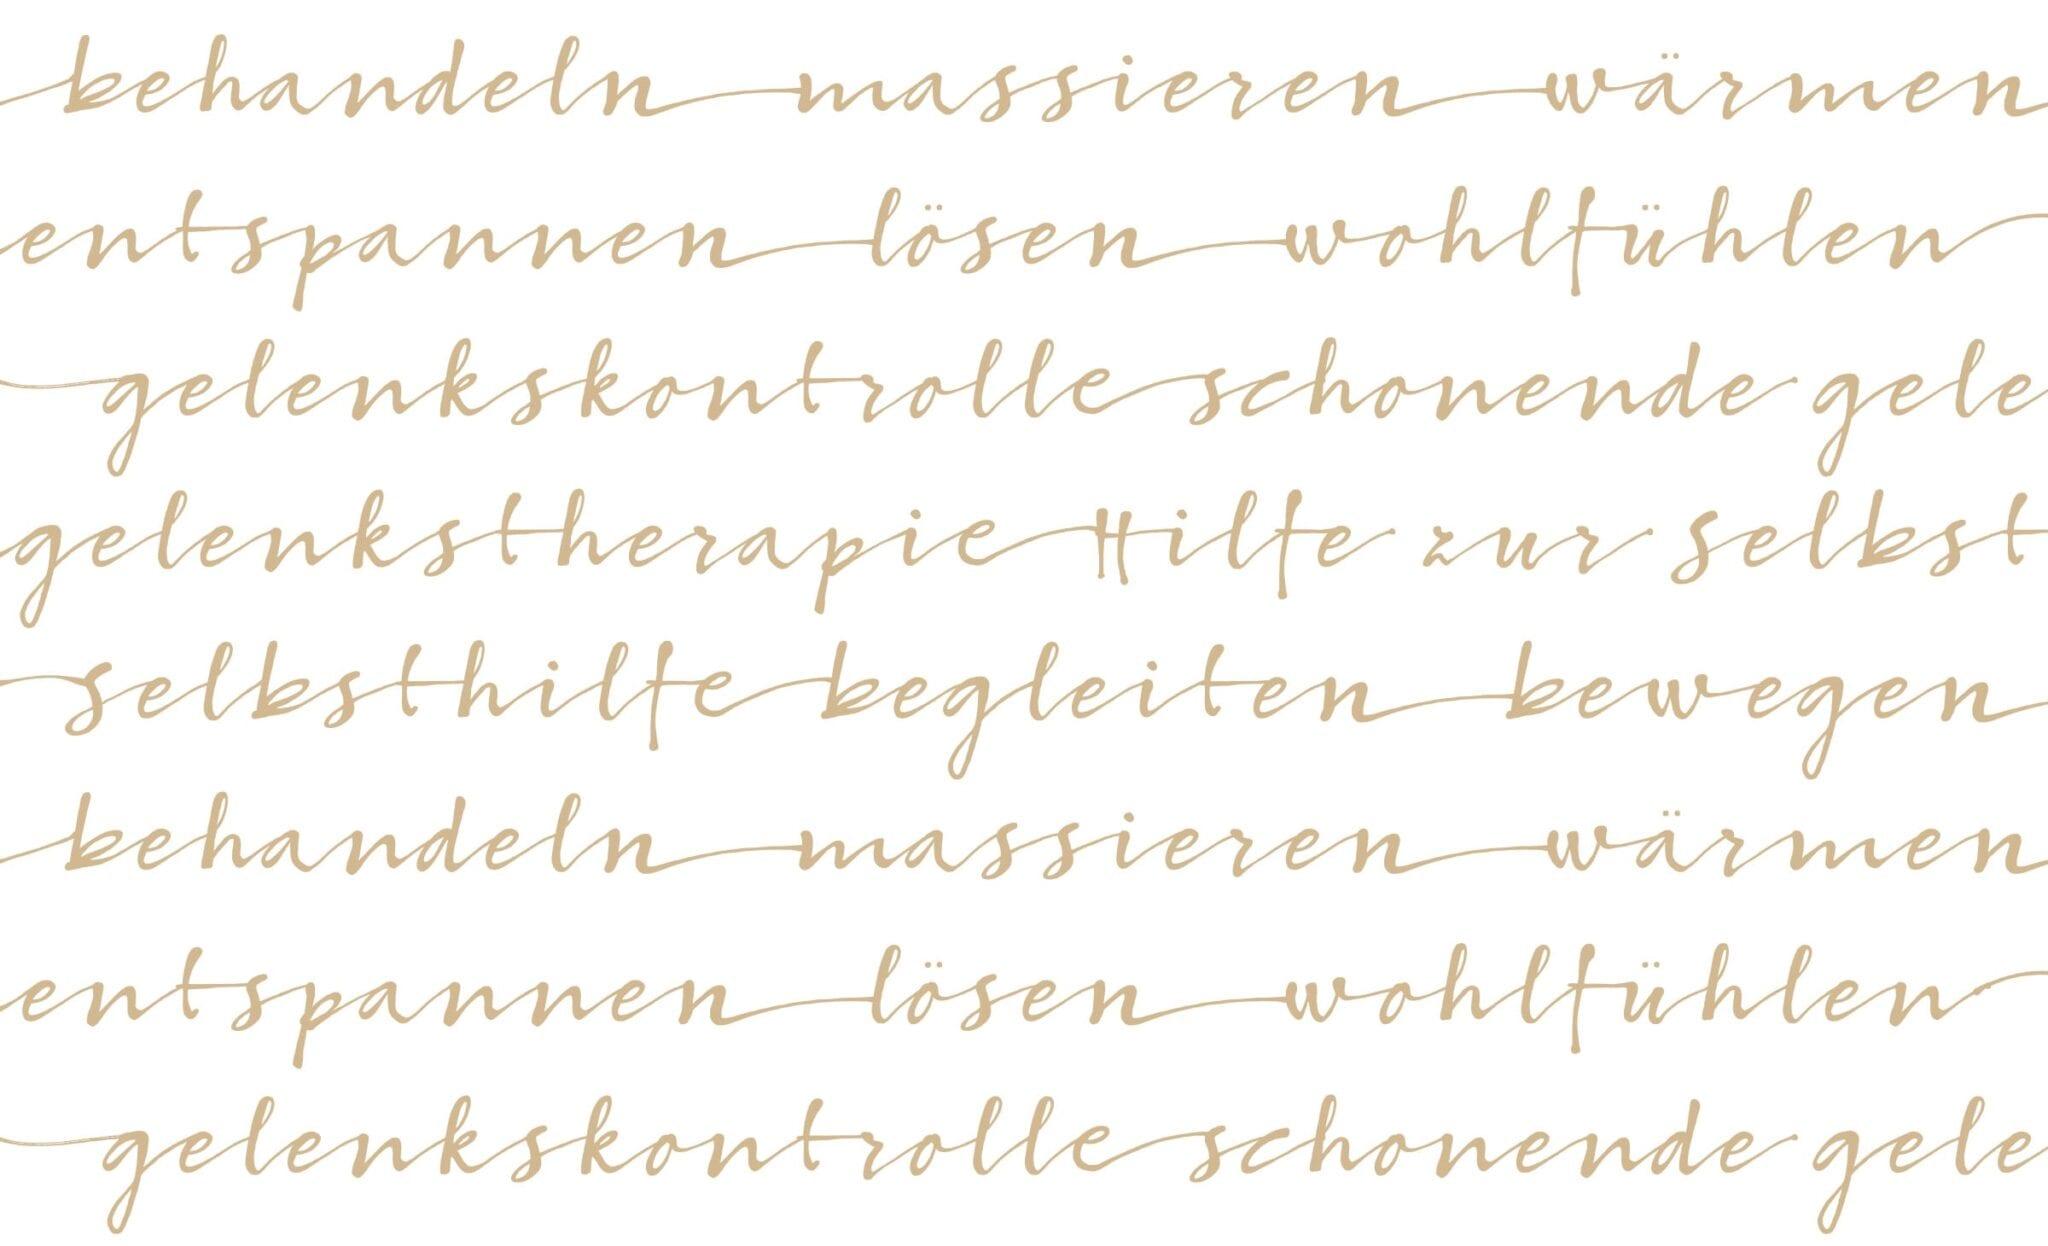 180grad_Bahandlungen_Daratos_Angebot